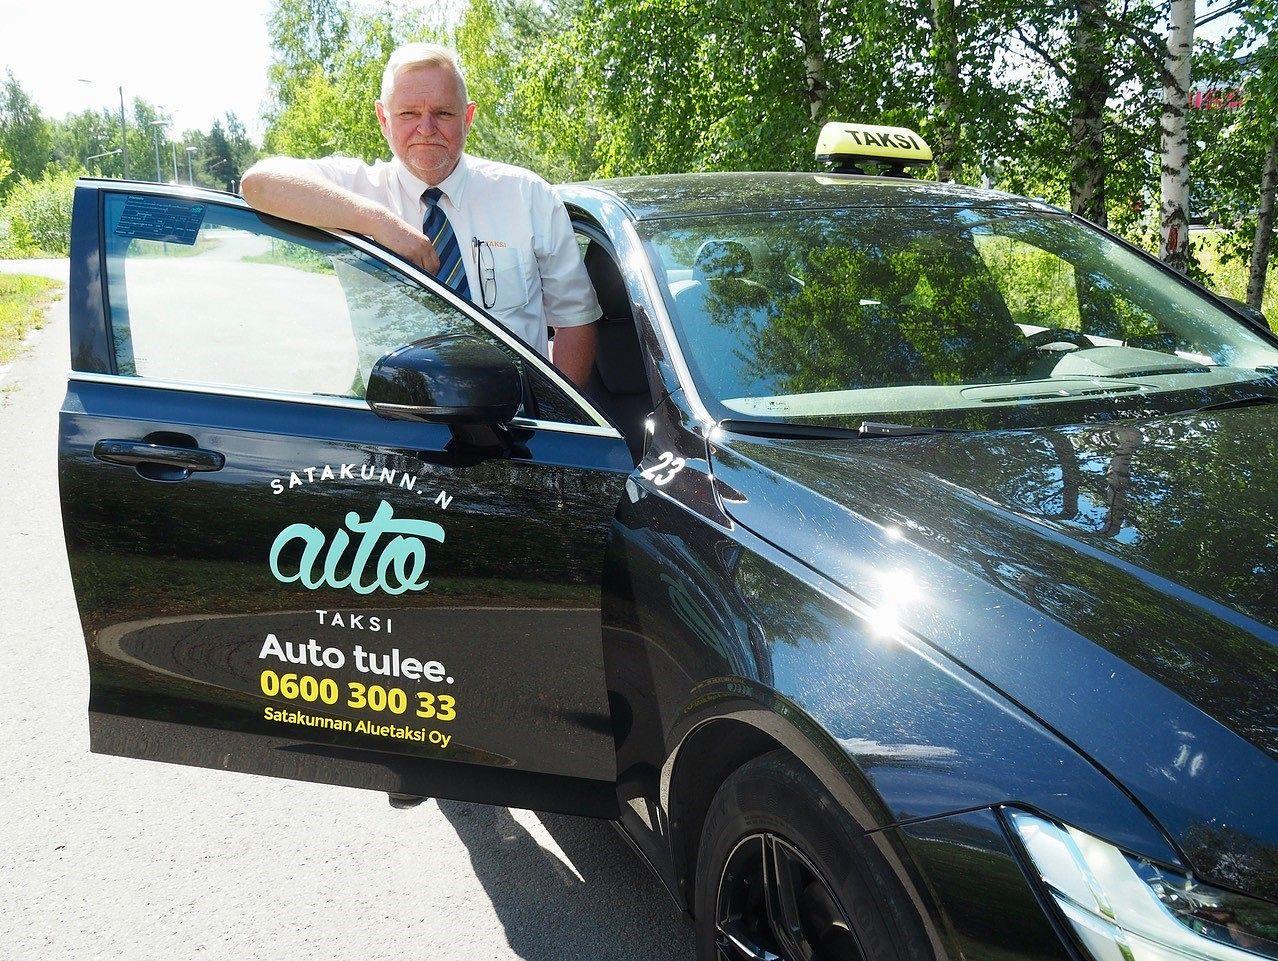 Satakunnan Aito Taksi